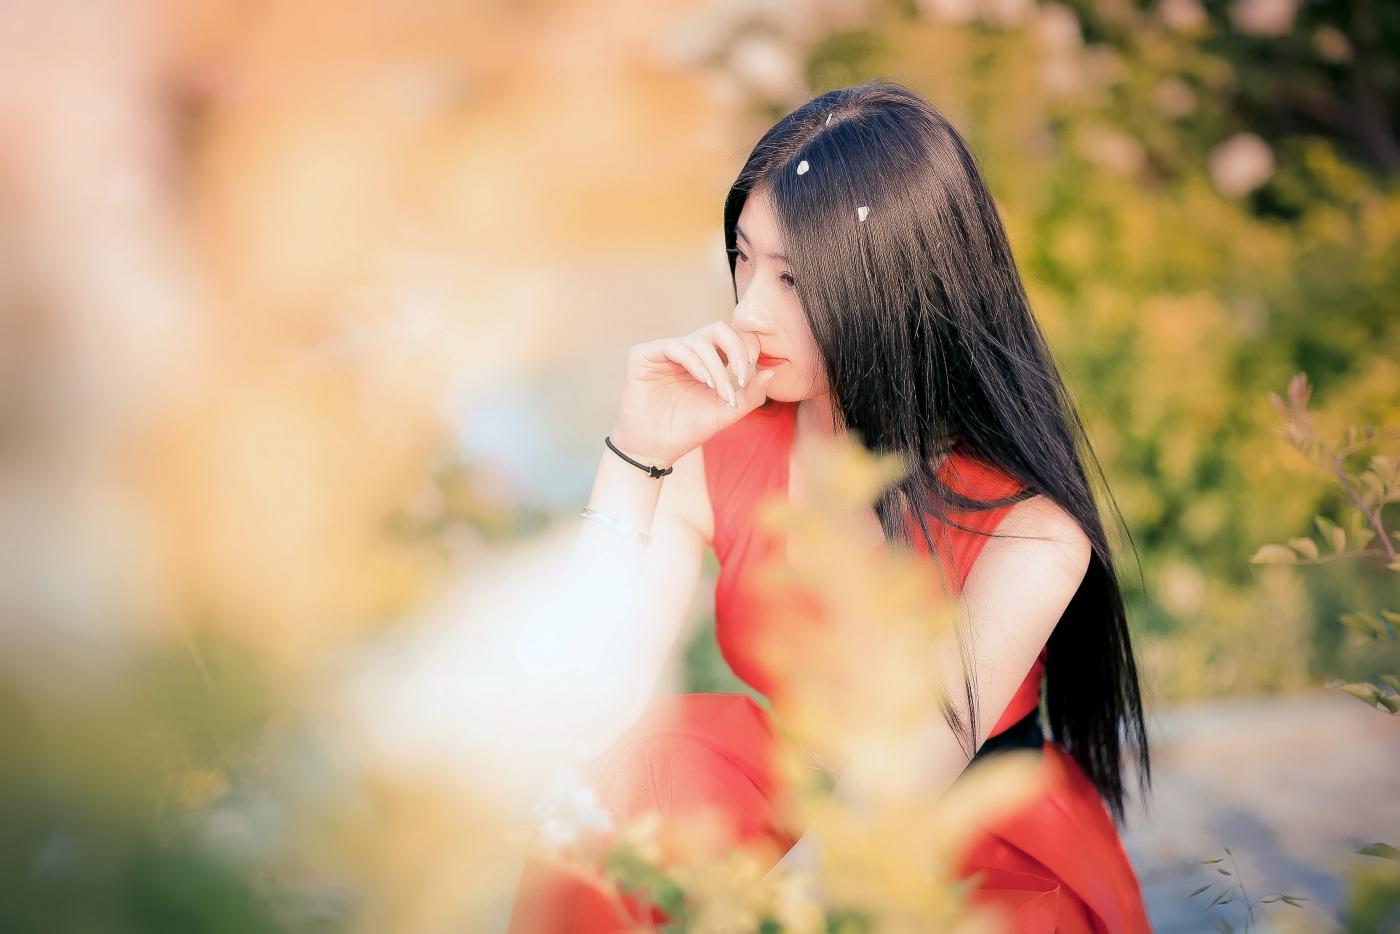 临沂大学有这么一道美丽的蔷薇长廊 当蔷薇MM王璐在她面前走过 ..._图1-7